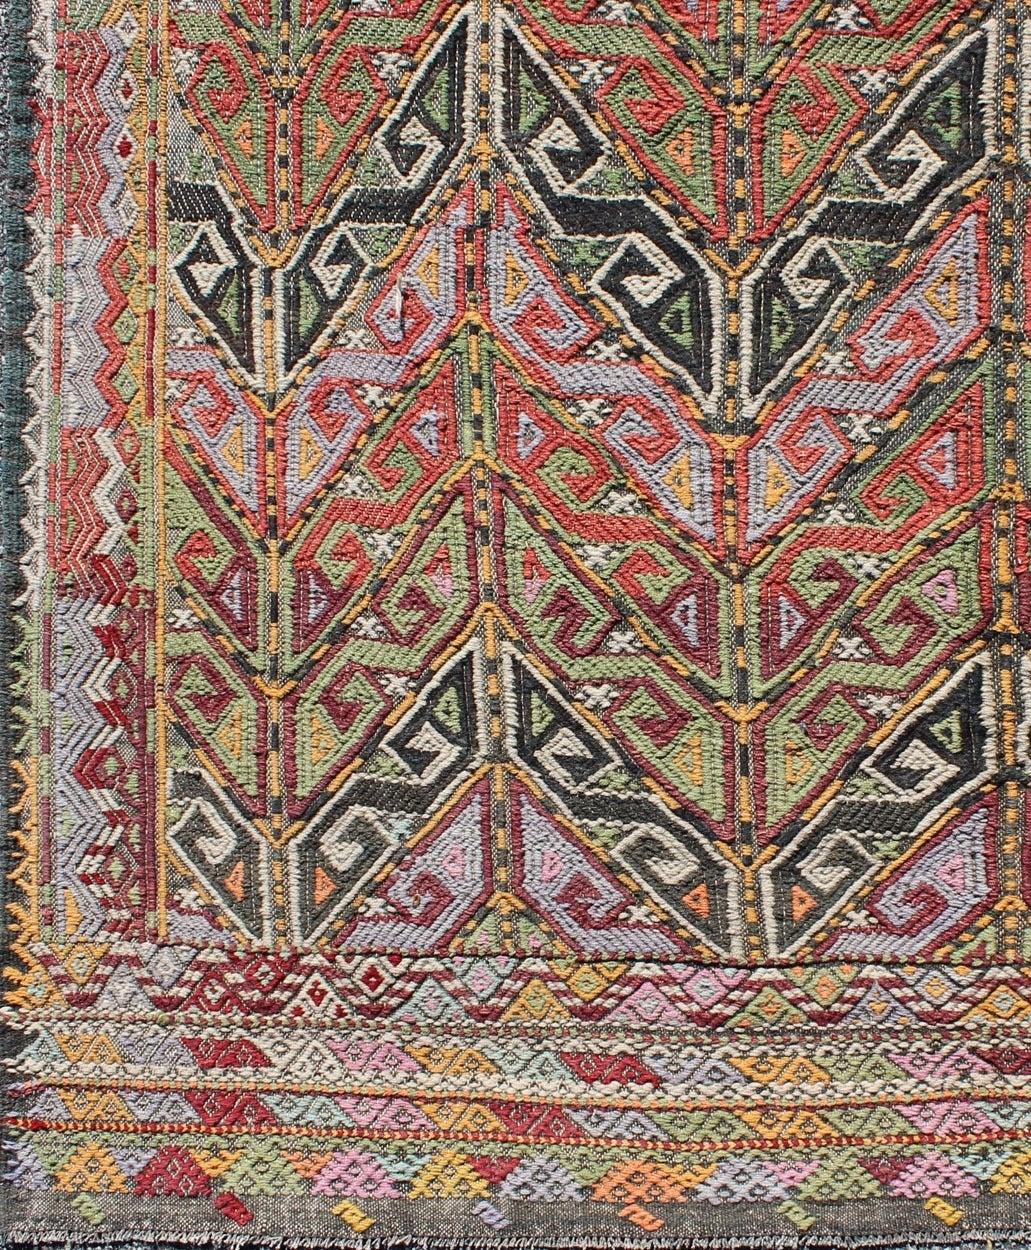 Vintage Embroidered Kilim Jajeem Rug For Sale At 1stdibs